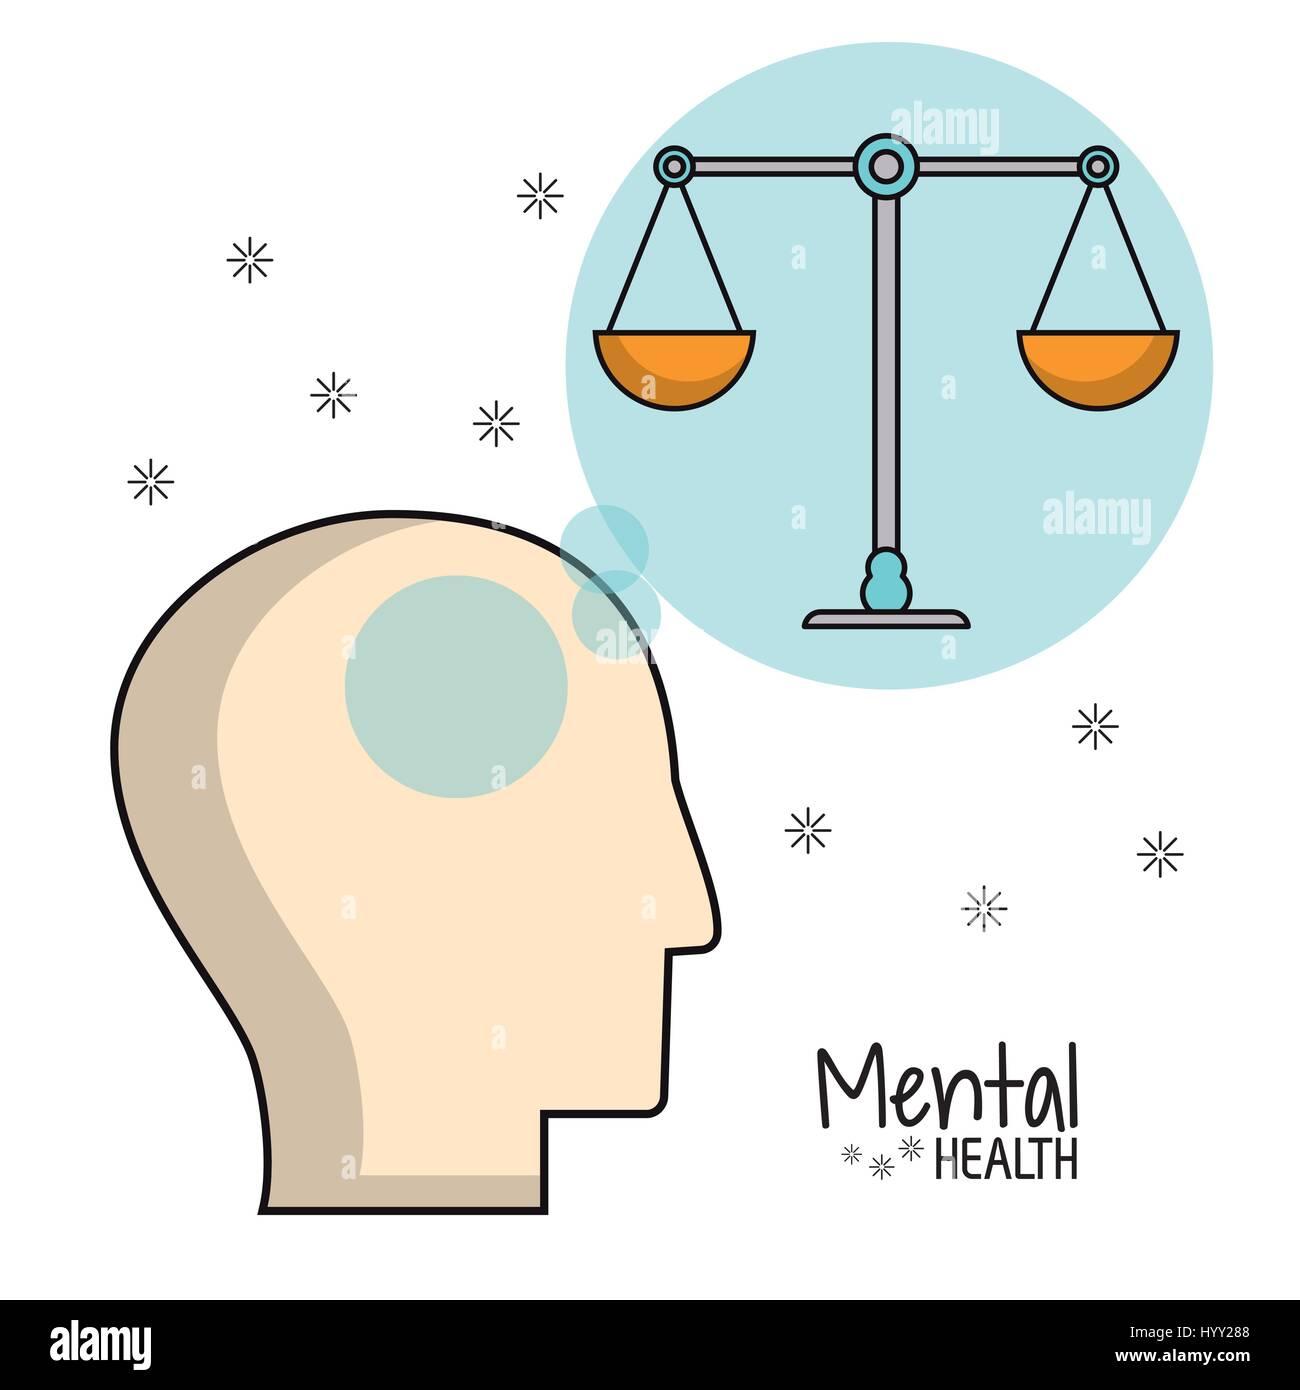 Jefe de salud mental imagen balance Imagen De Stock